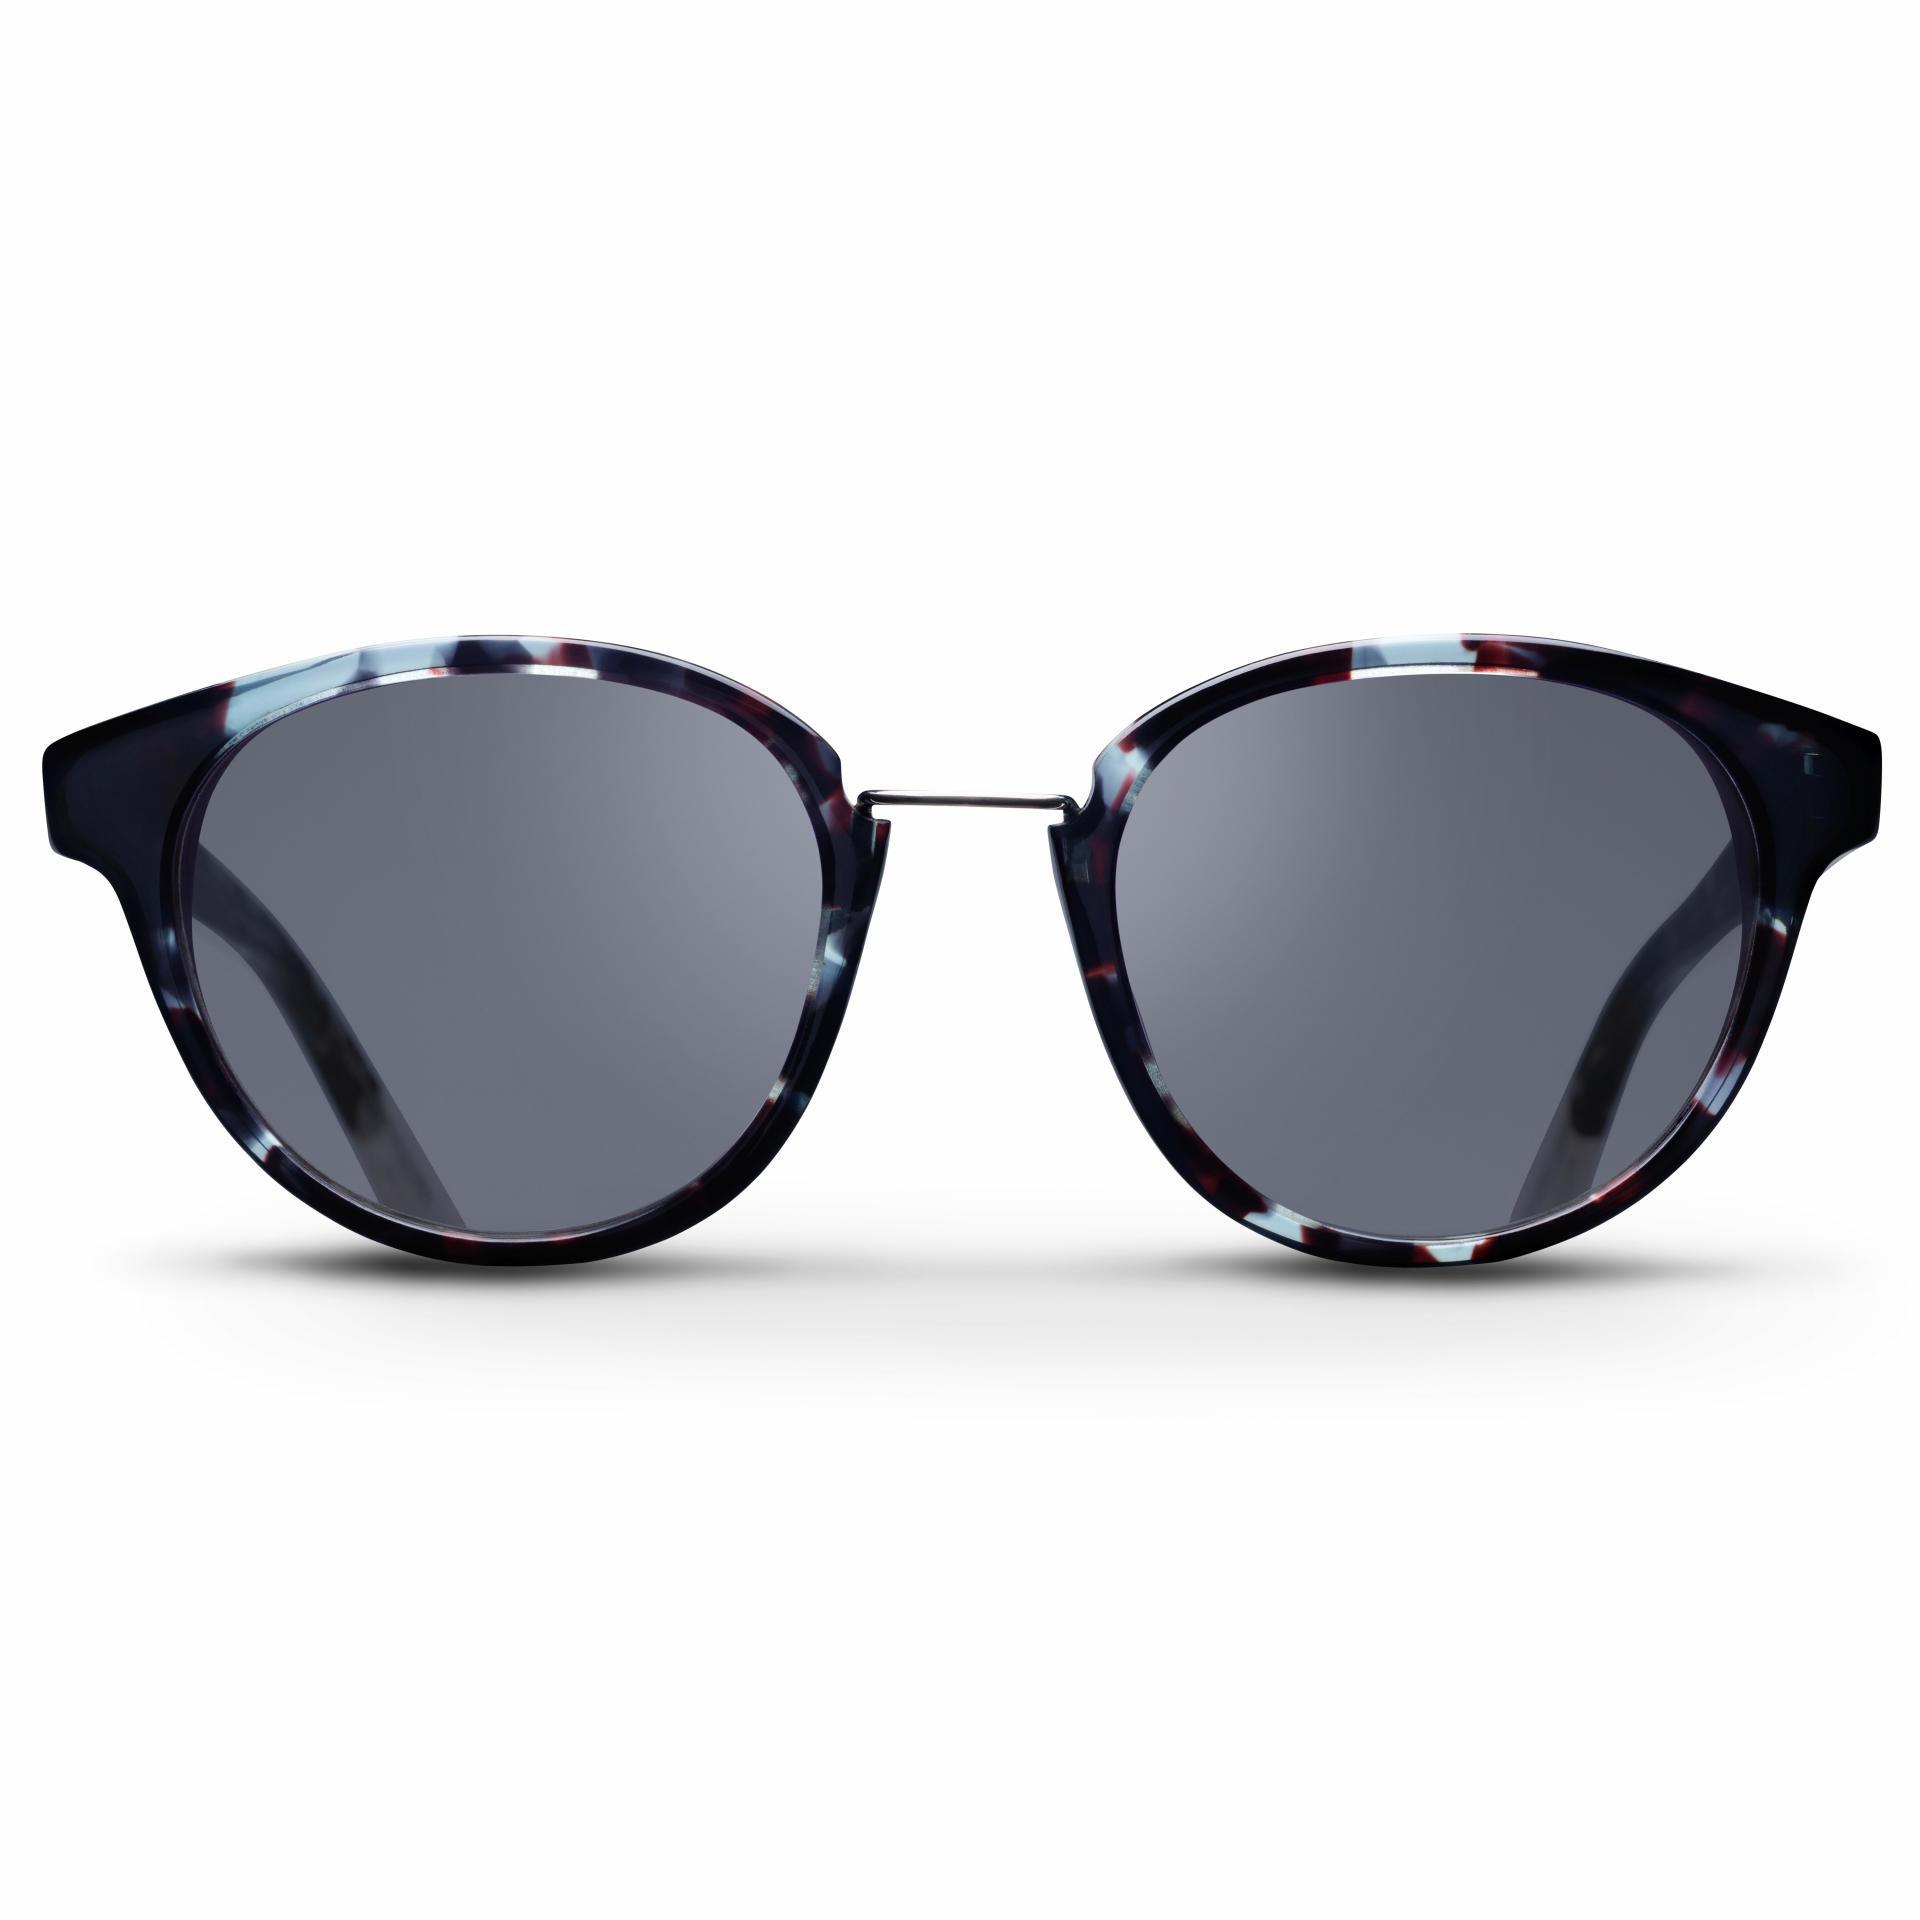 TRIWA Dámské sluneční brýle Triwa - Indigo Turtle Nicki, modrá barva, černá barva, sklo, kov, plast